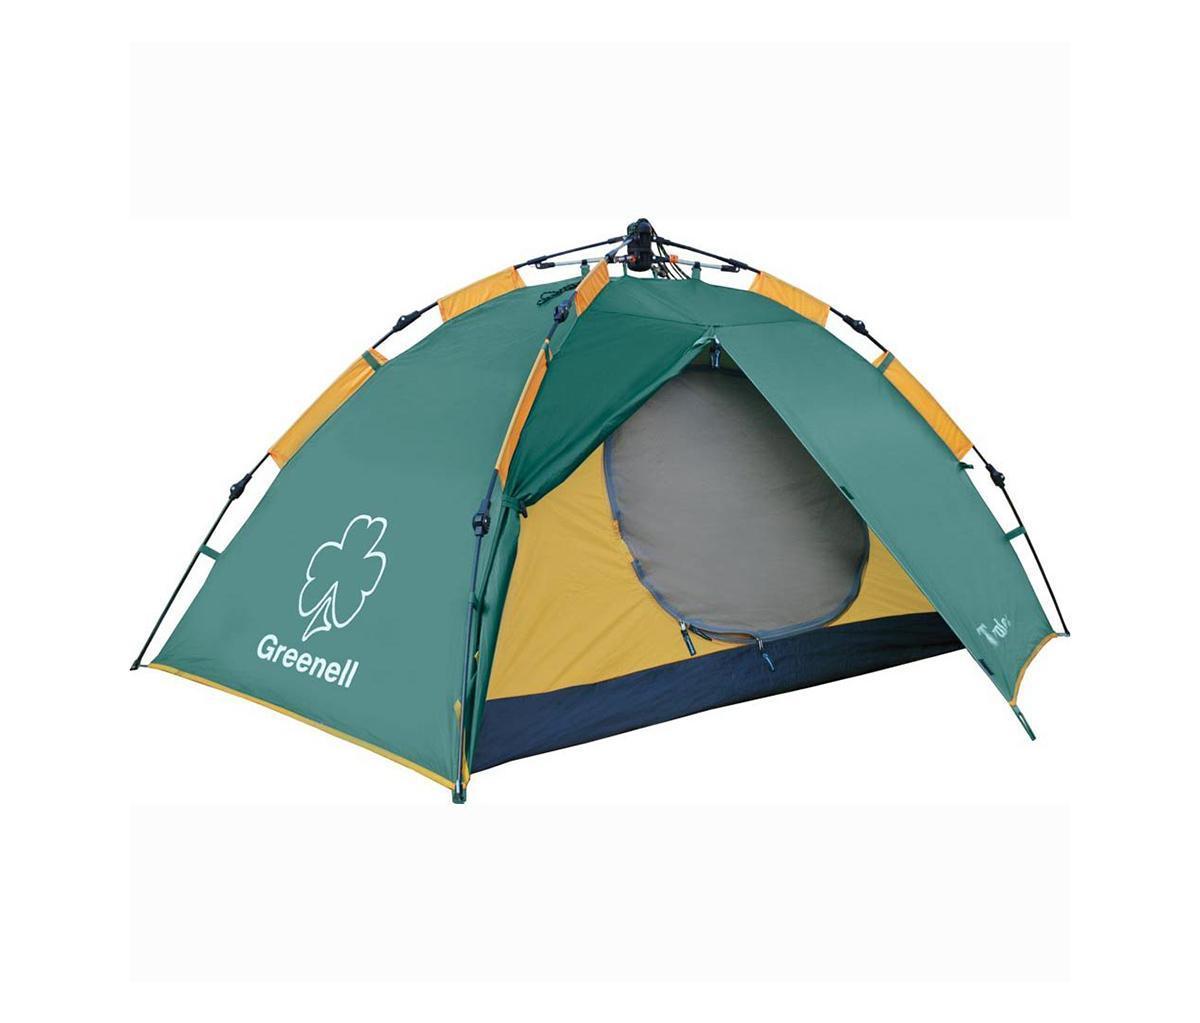 Палатка Greenell Трале 2V2 GreenAS009Легкая палатка для тех кто ценит время Двухслойная дуговая палатка с полуавтоматическим каркасом. Один вход и тамбур. Вну- тренняя палатка и тент устанавливаются одновременно. Легко ставиться одним человеком.Минимум времени для установки и сборки. Проклеенные швы. Противомоскитная сетка.Q-образный вход продублирован сеткой. Улучшенная вентиляция. Облегченная регулировкаоттяжек со световозвращающей нитью. Цвет: Зеленый. Сезон: лето.